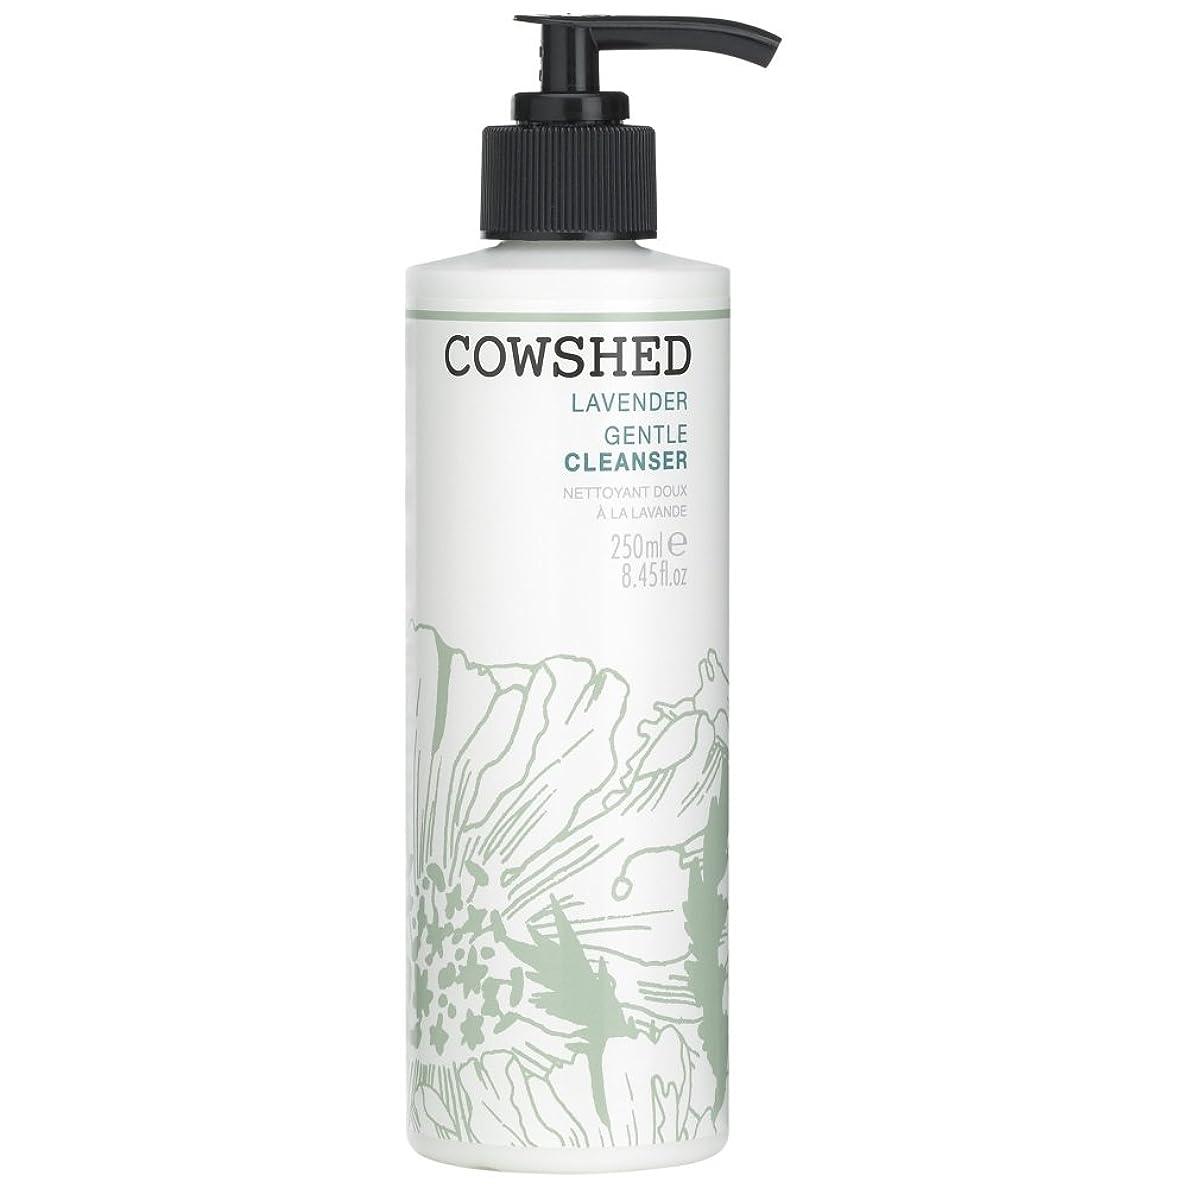 不安ドレスポンプ牛舎ラベンダージェントルクレンザー、250ミリリットル (Cowshed) (x6) - Cowshed Lavender Gentle Cleanser, 250ml (Pack of 6) [並行輸入品]